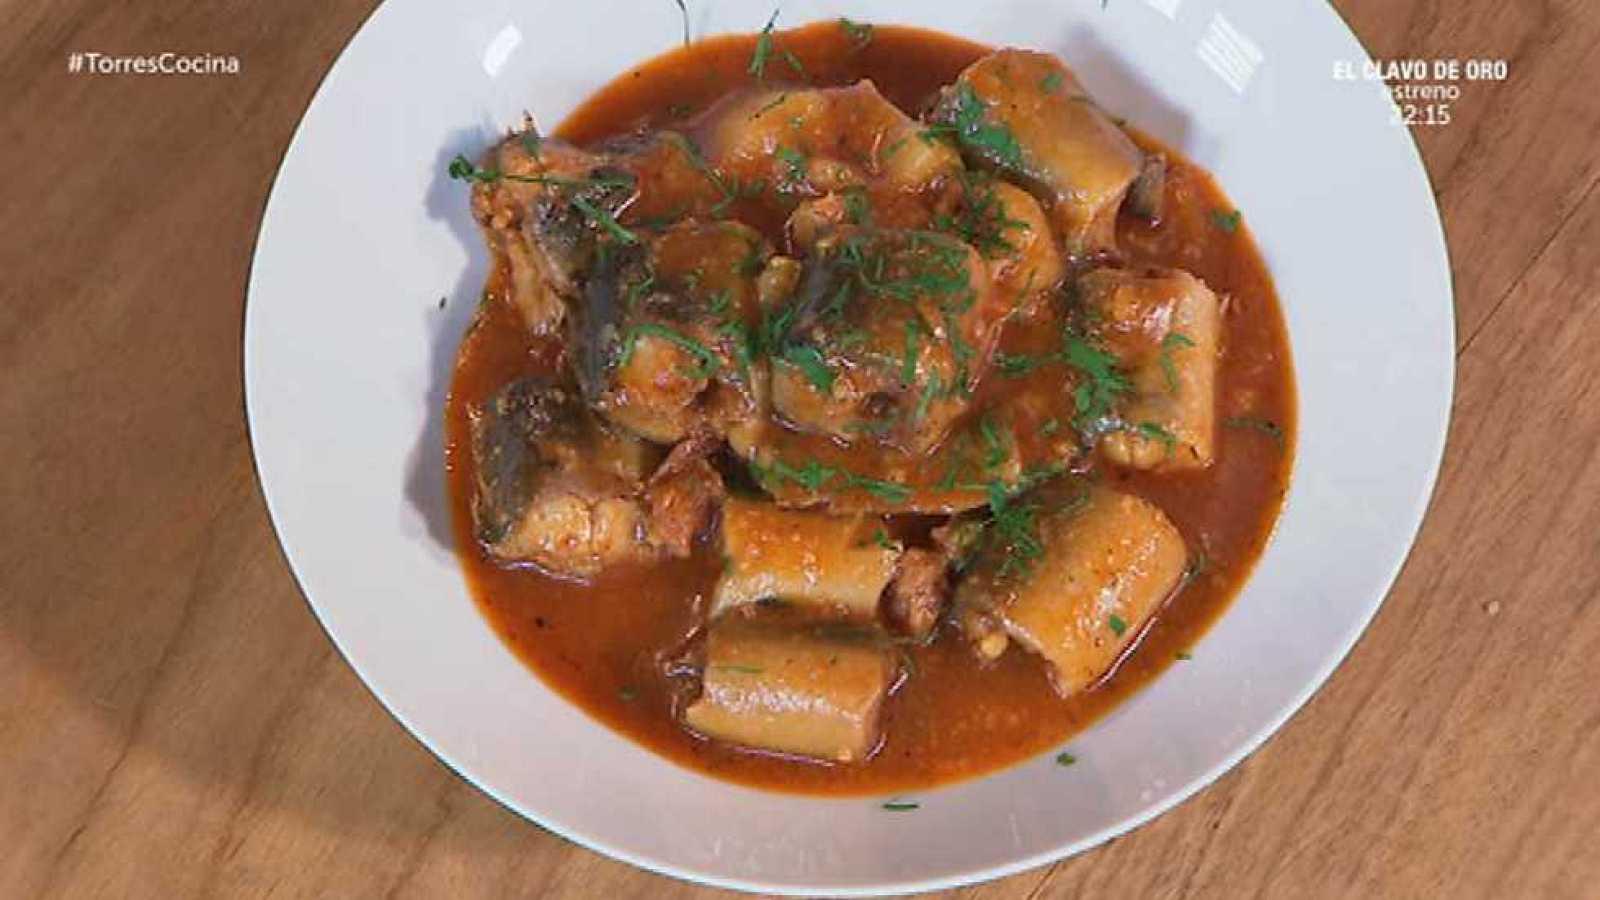 Recetas de Cocina de cuchara - Torres en la Cocina - RTVE.es